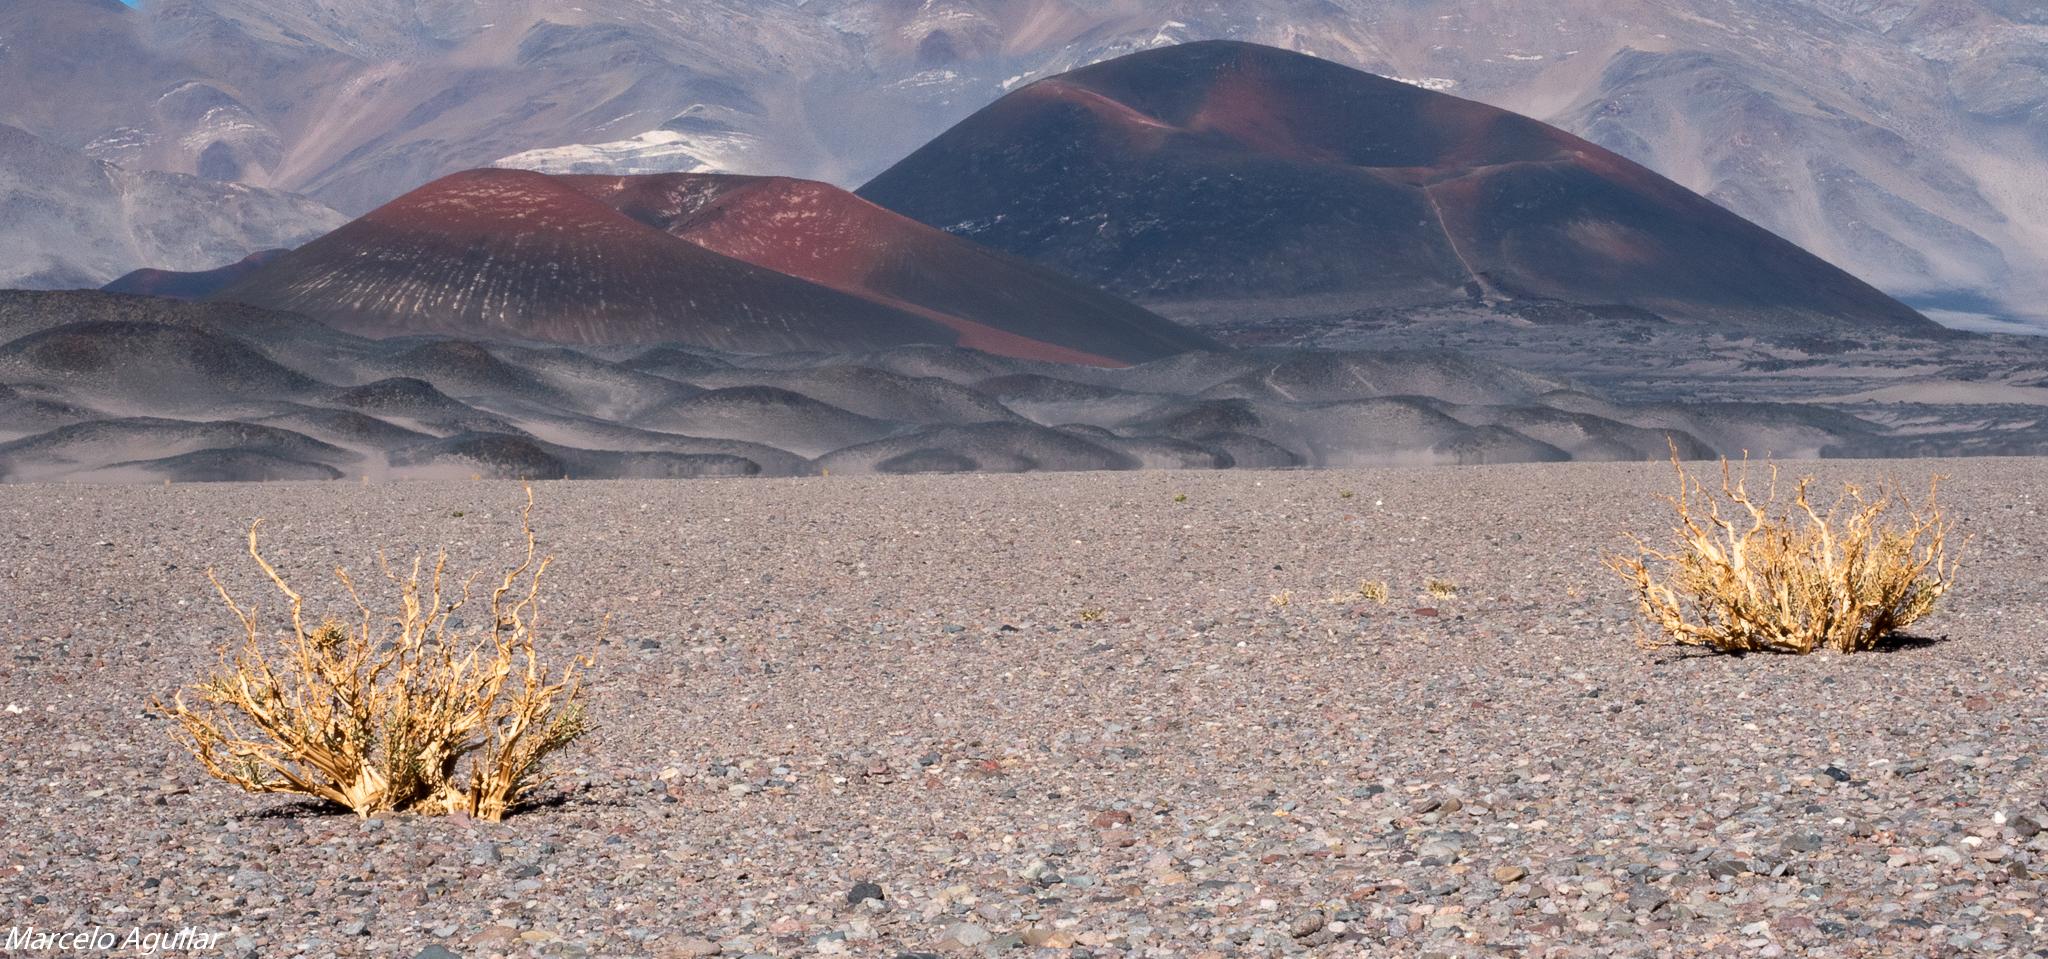 near Antofagasta de la Sierra, Argentina